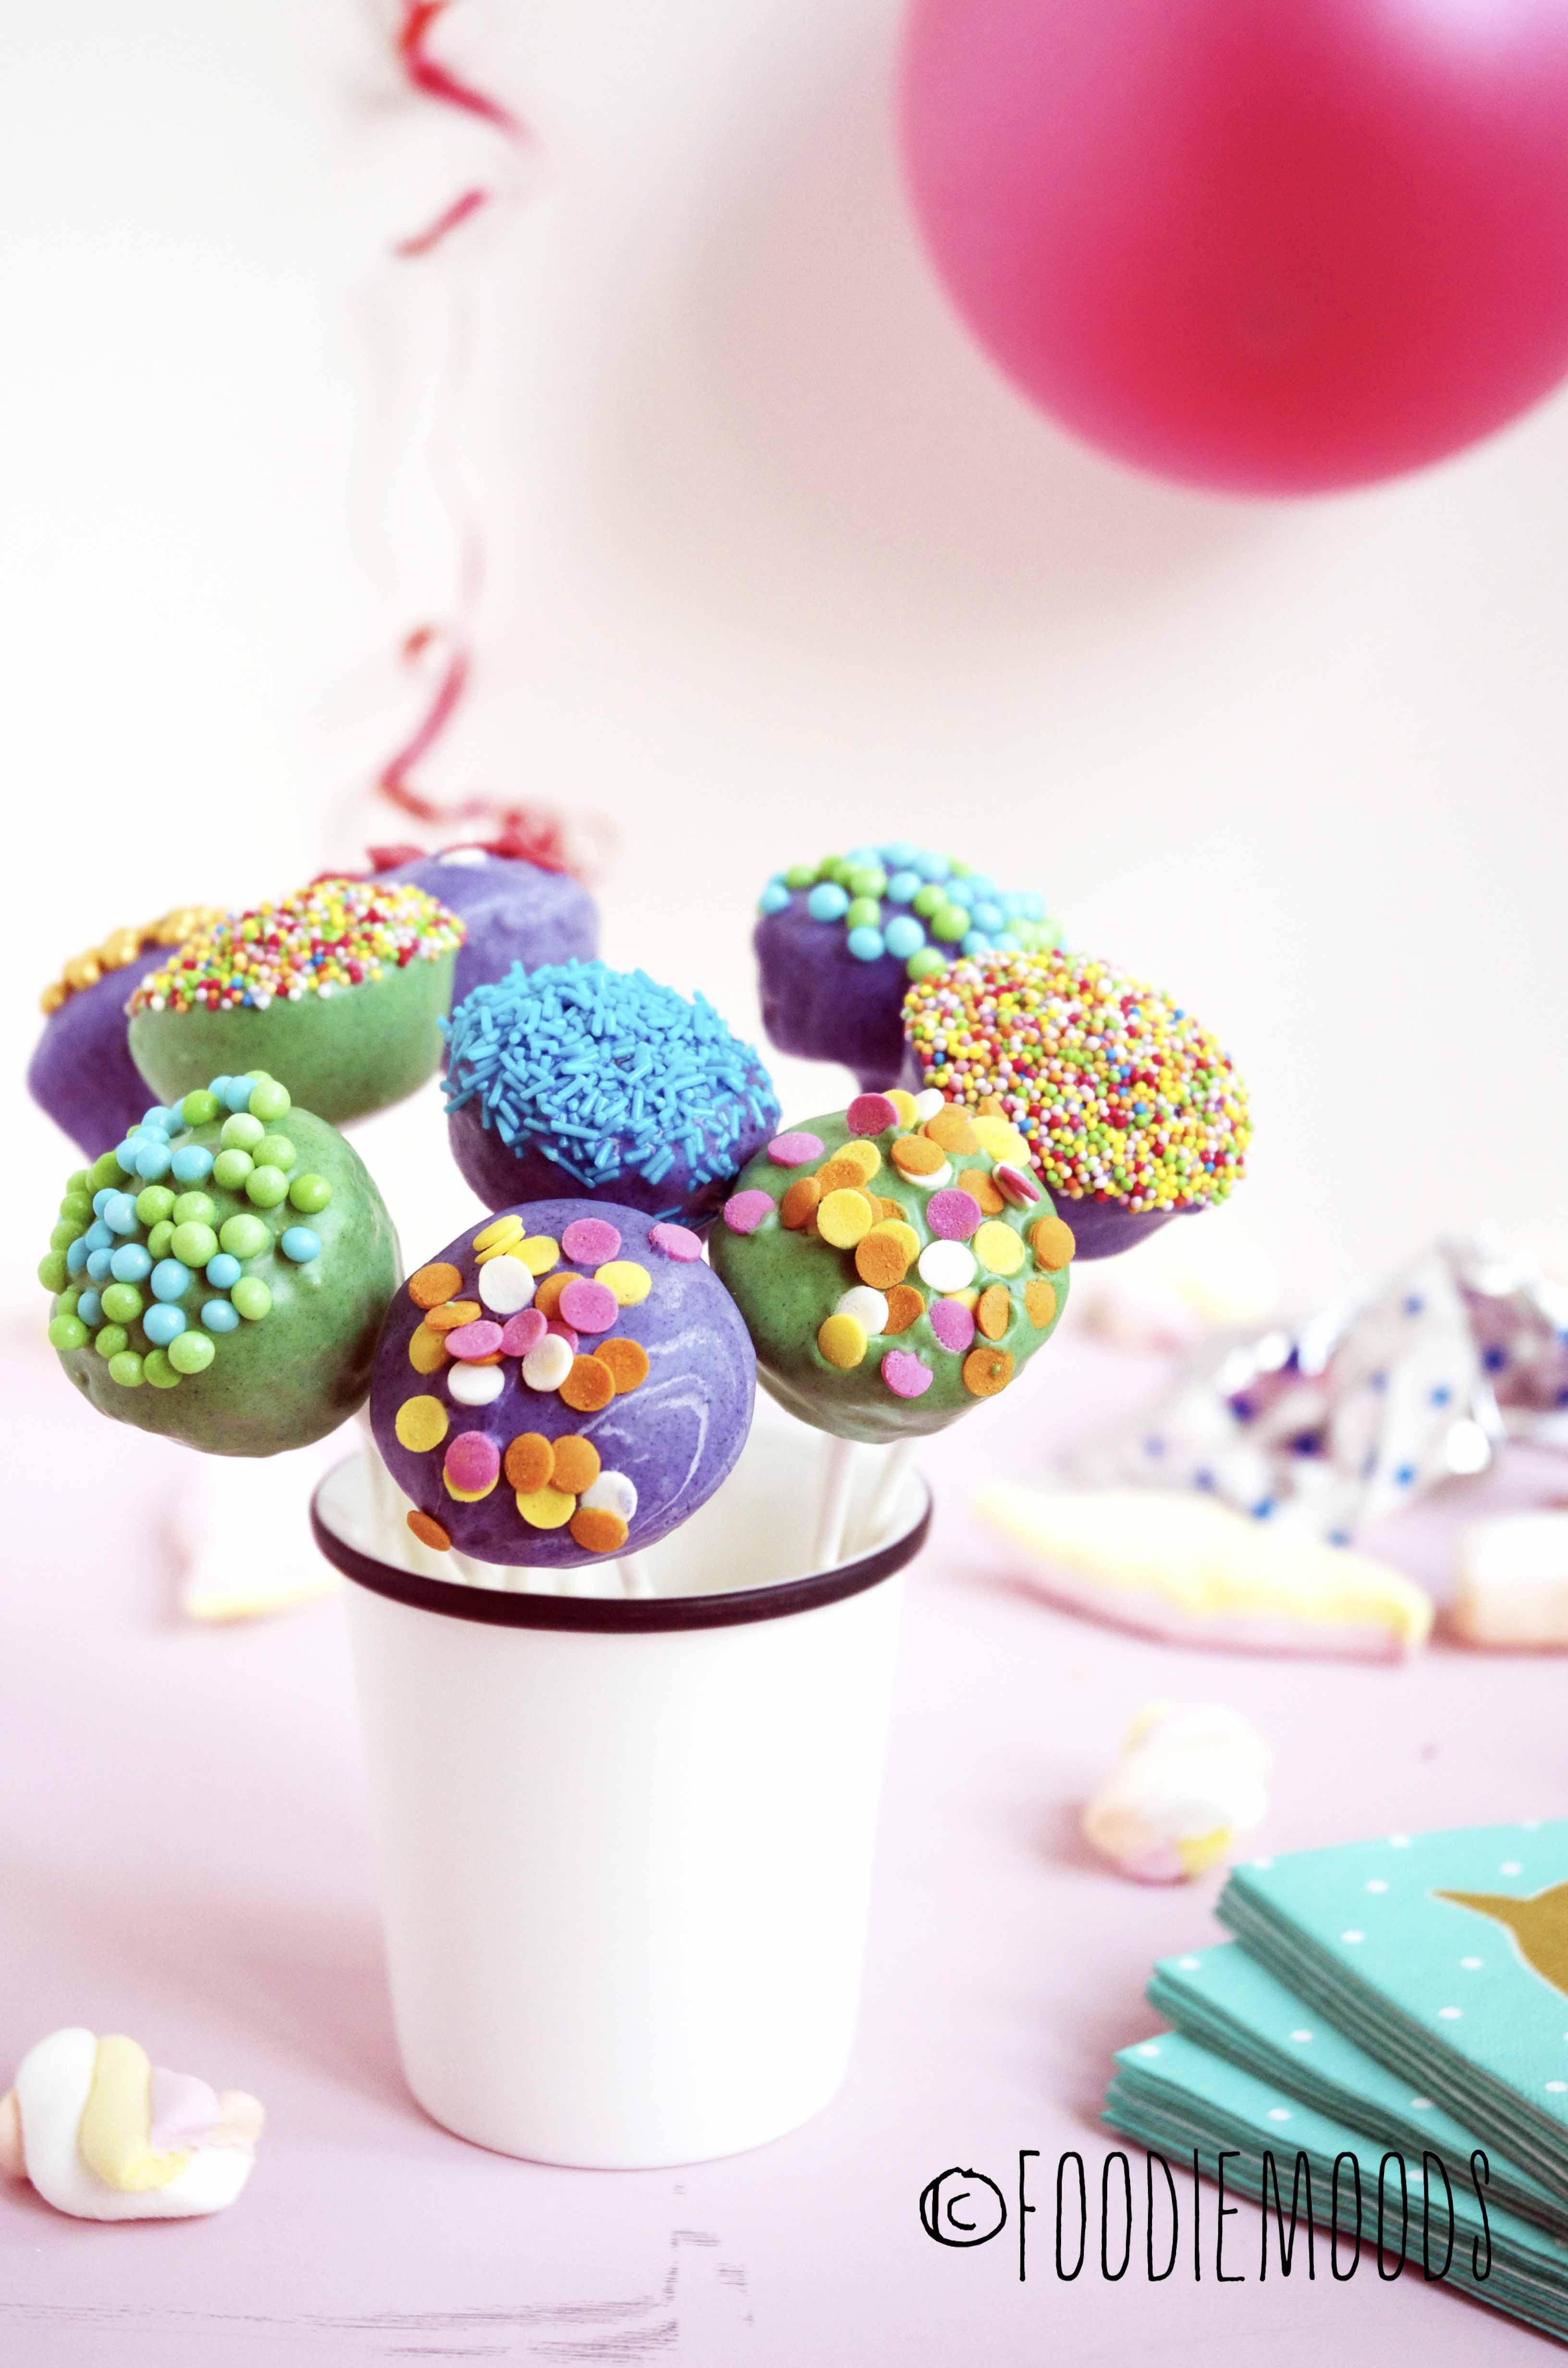 recept cakepops maken miss foodie